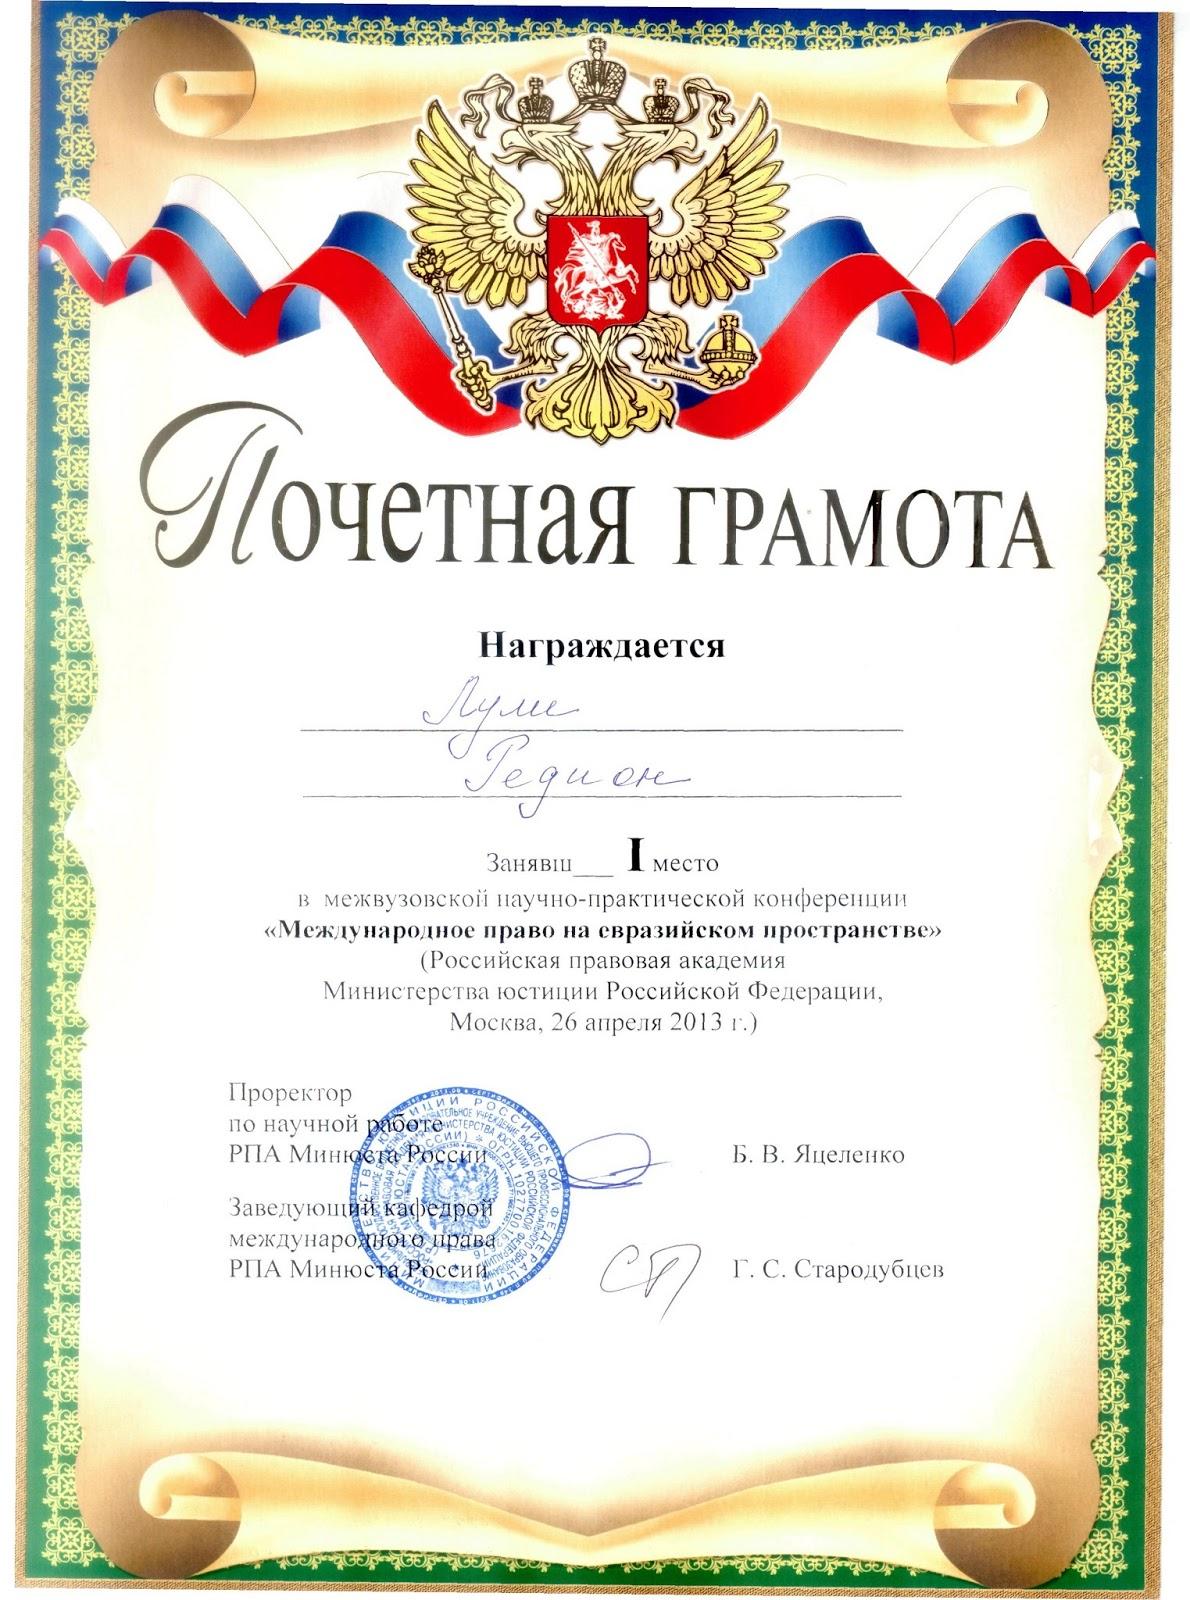 КАФЕДРА МЕЖДУНАРОДНОГО ПРАВА РУДН Международное право на  Международное право на евразийском пространстве